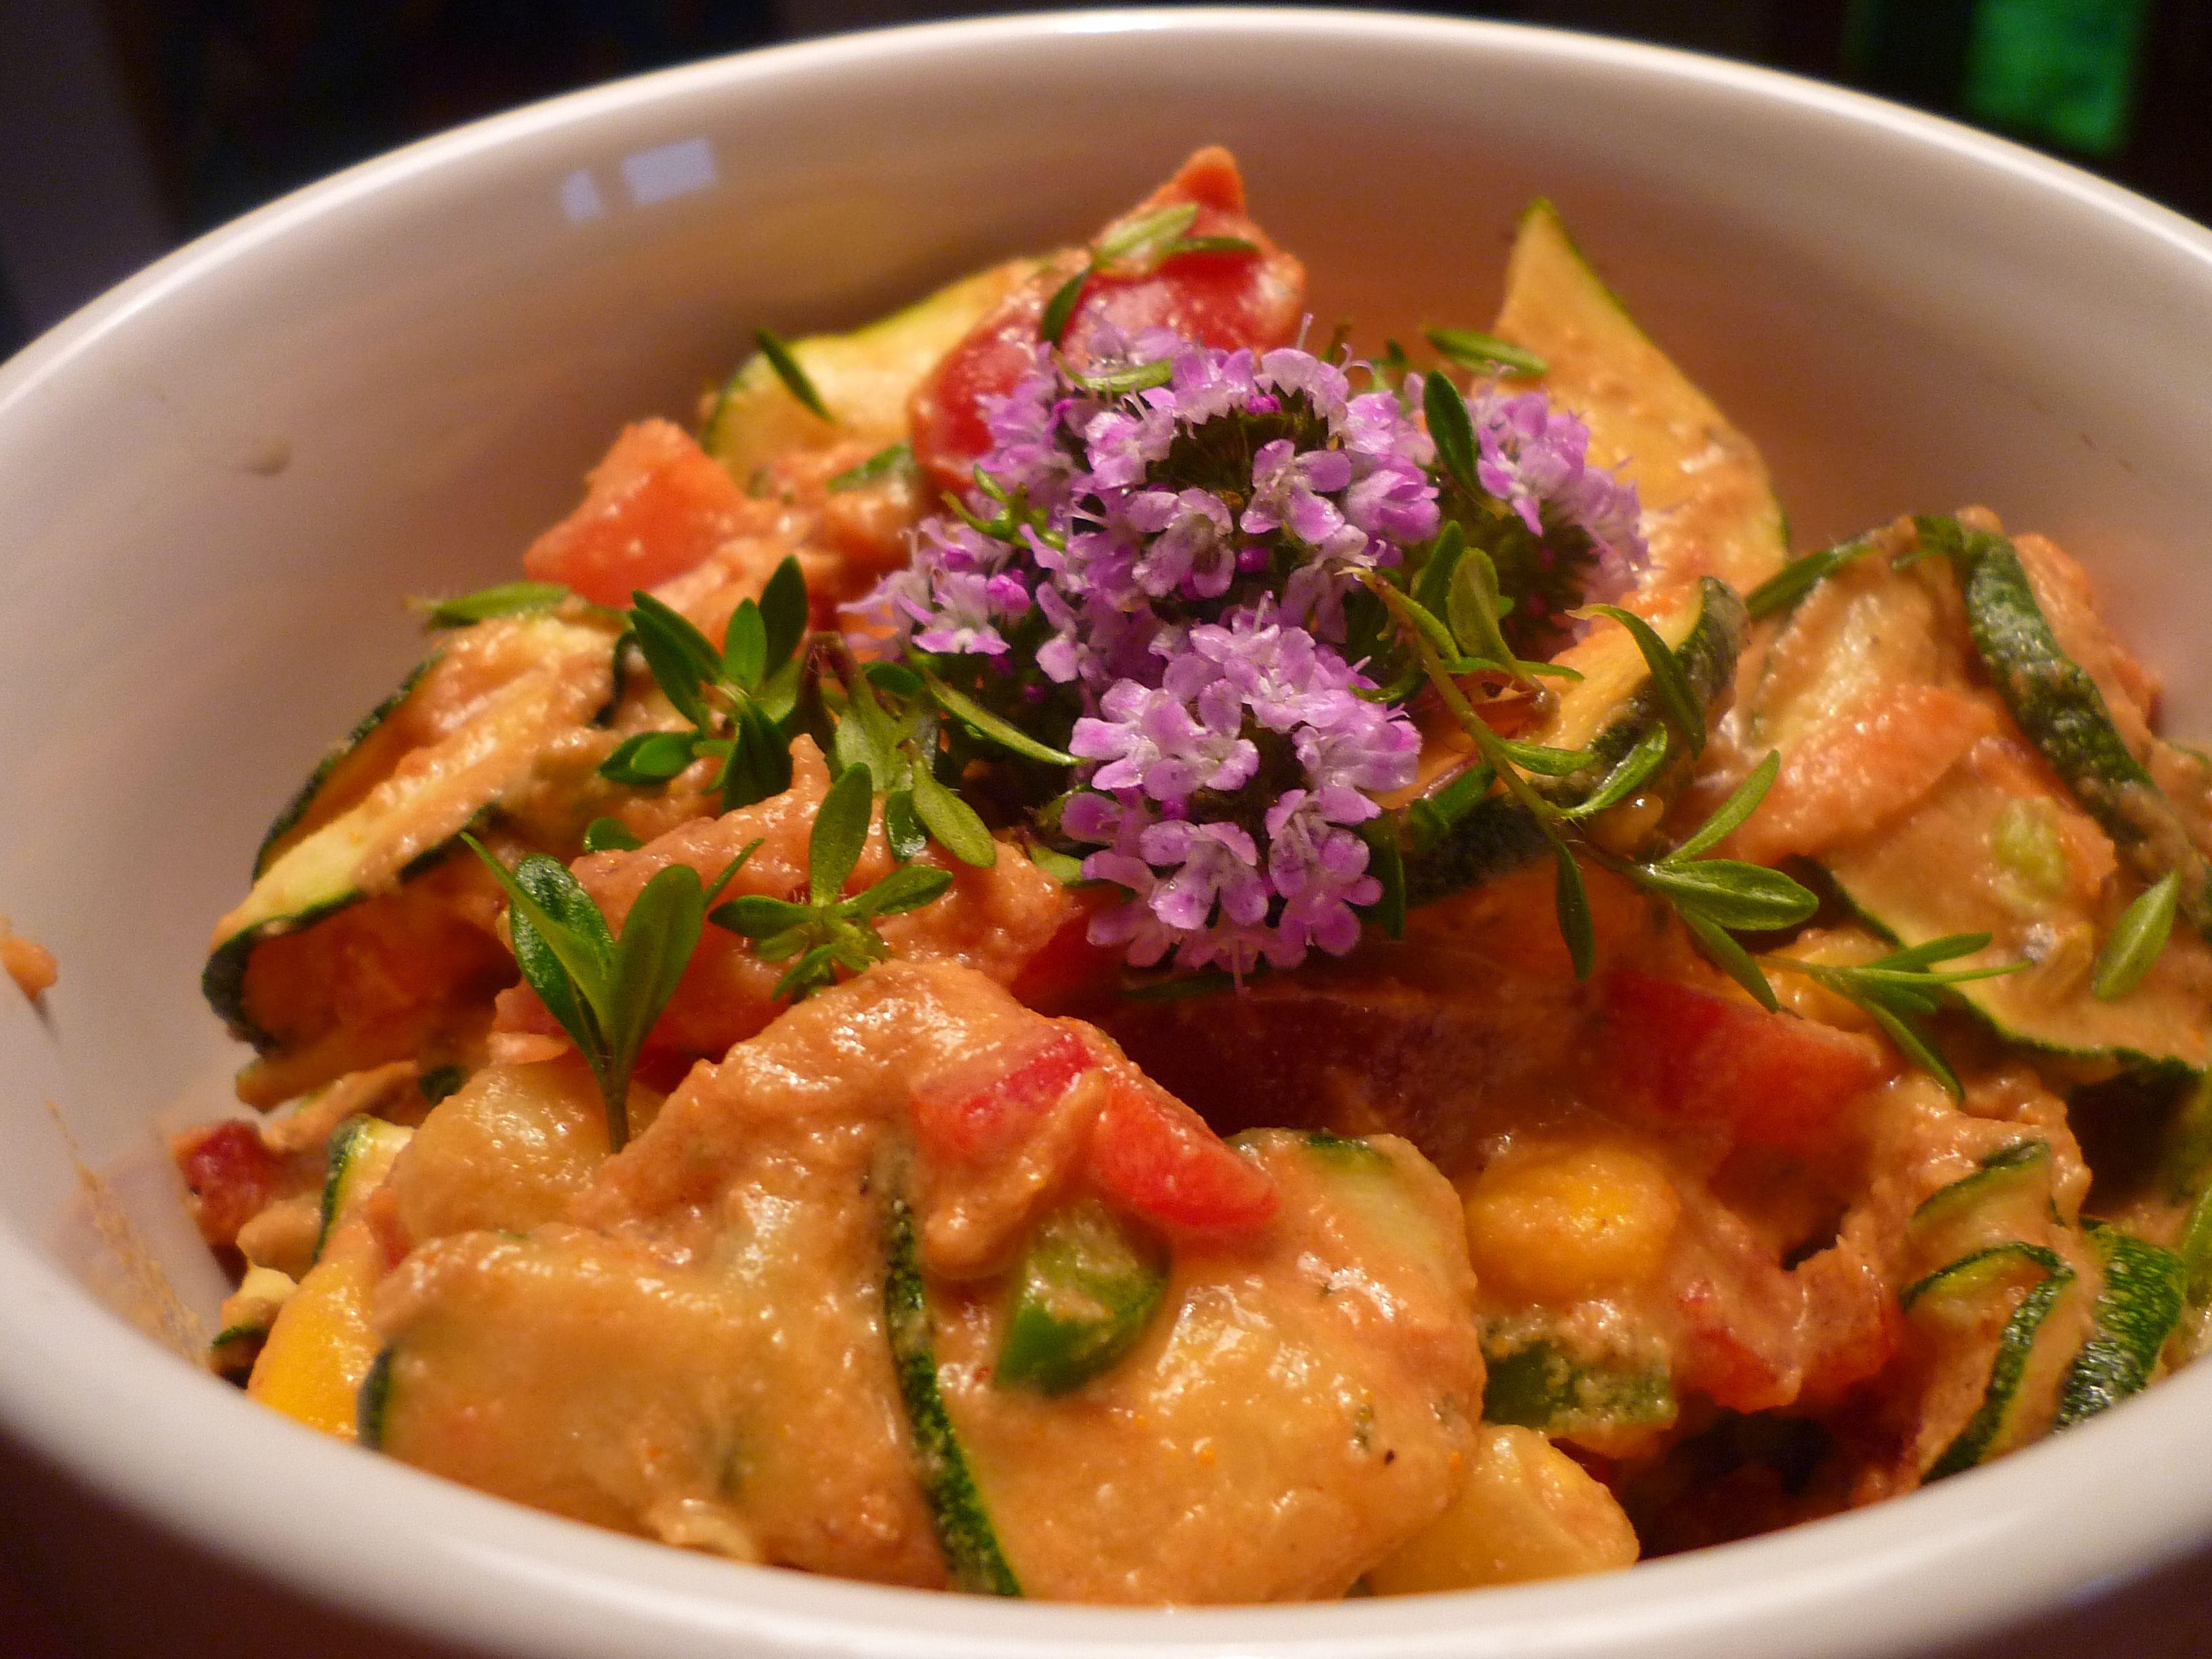 Sommer und ein feines Ratatouille aus saisonalem, frisch geerntetem Gemüse! Roh und absolut lecker! Wer aus eigenem Garten Zucchinis und Tomaten im Überschuss hat, bekommt hier eine Idee, was man d...